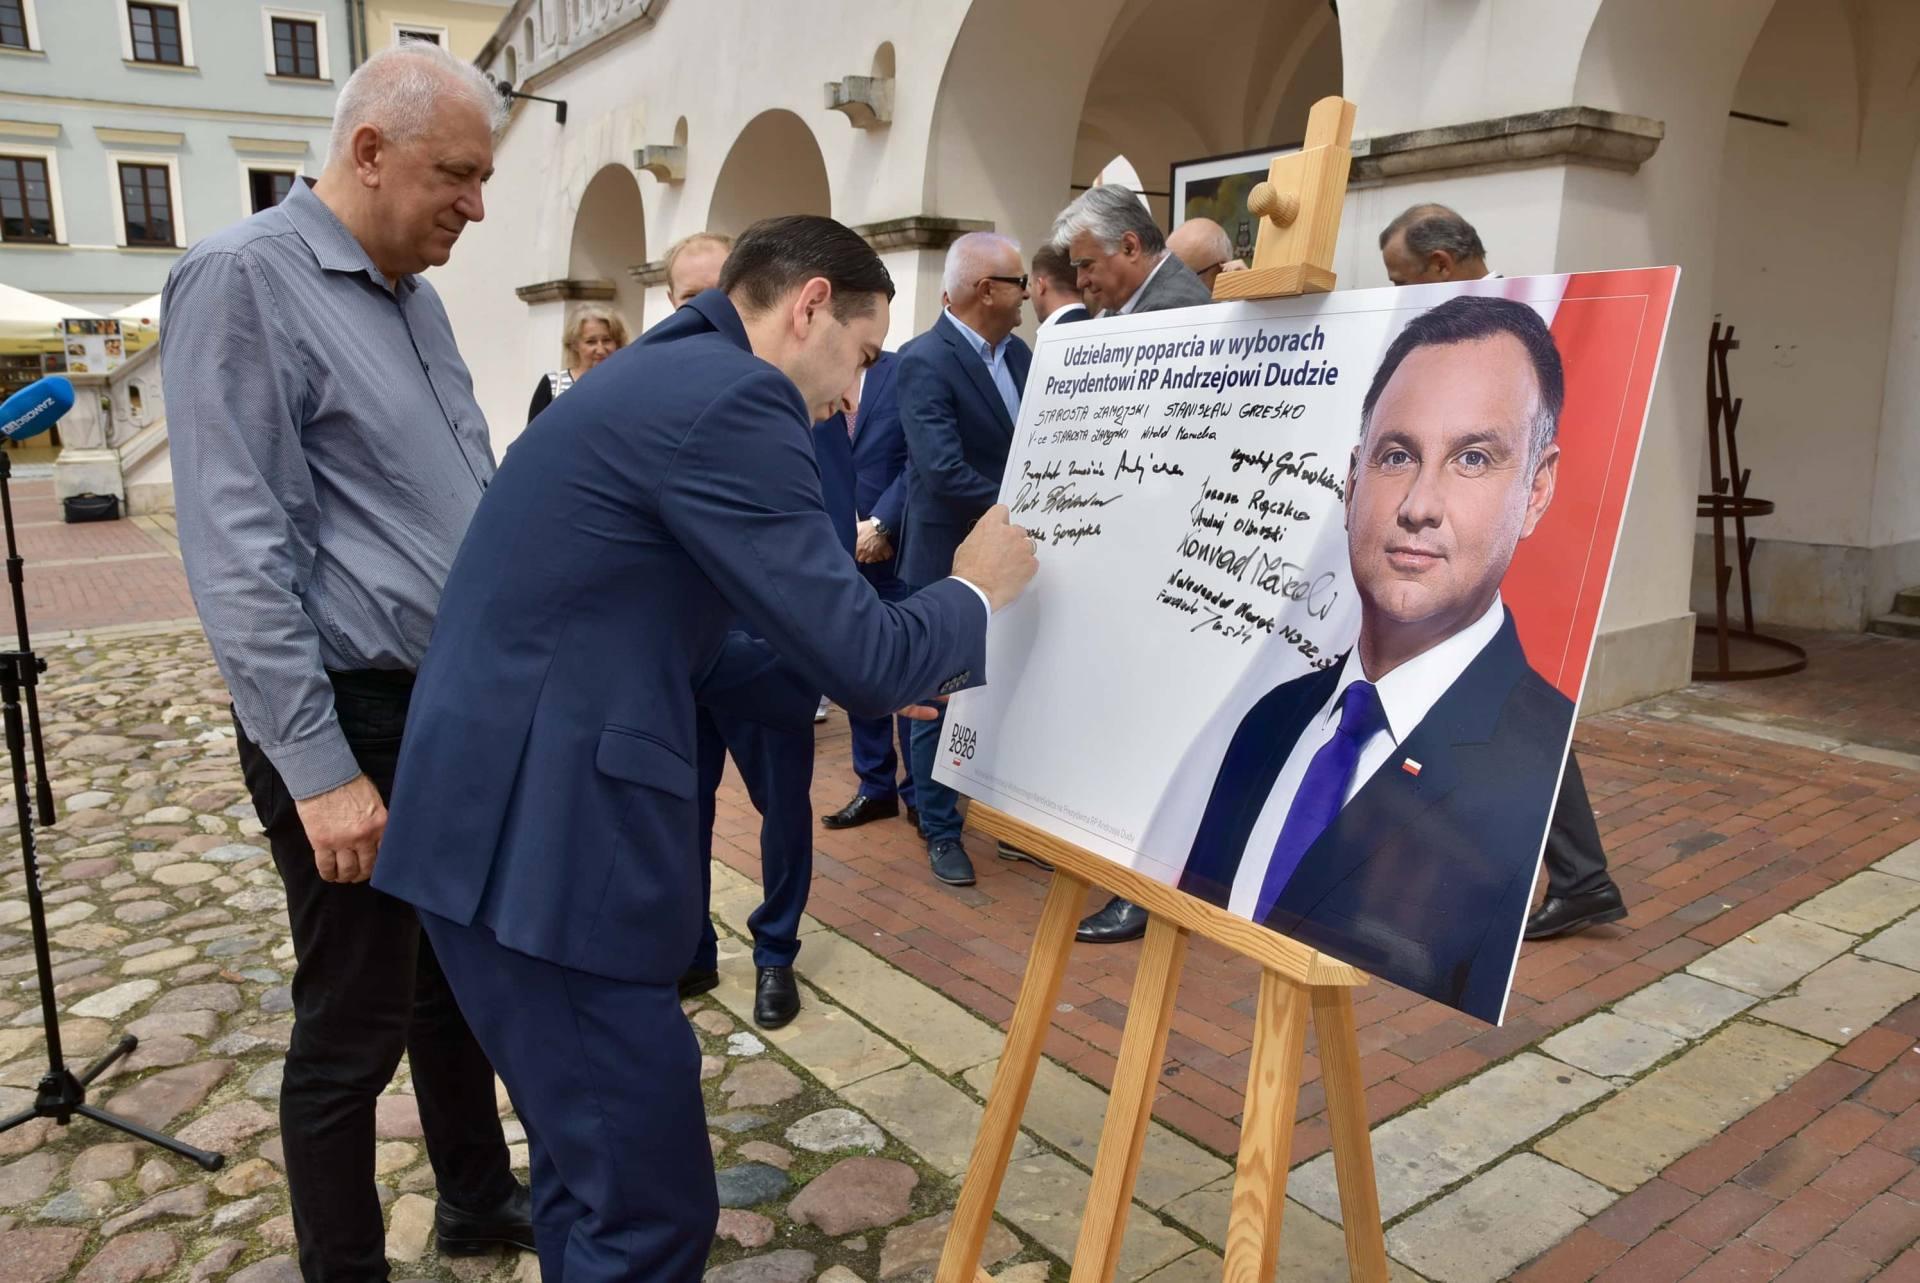 dsc 7787 Zamość: Udzielili poparcia prezydentowi Andrzejowi Dudzie